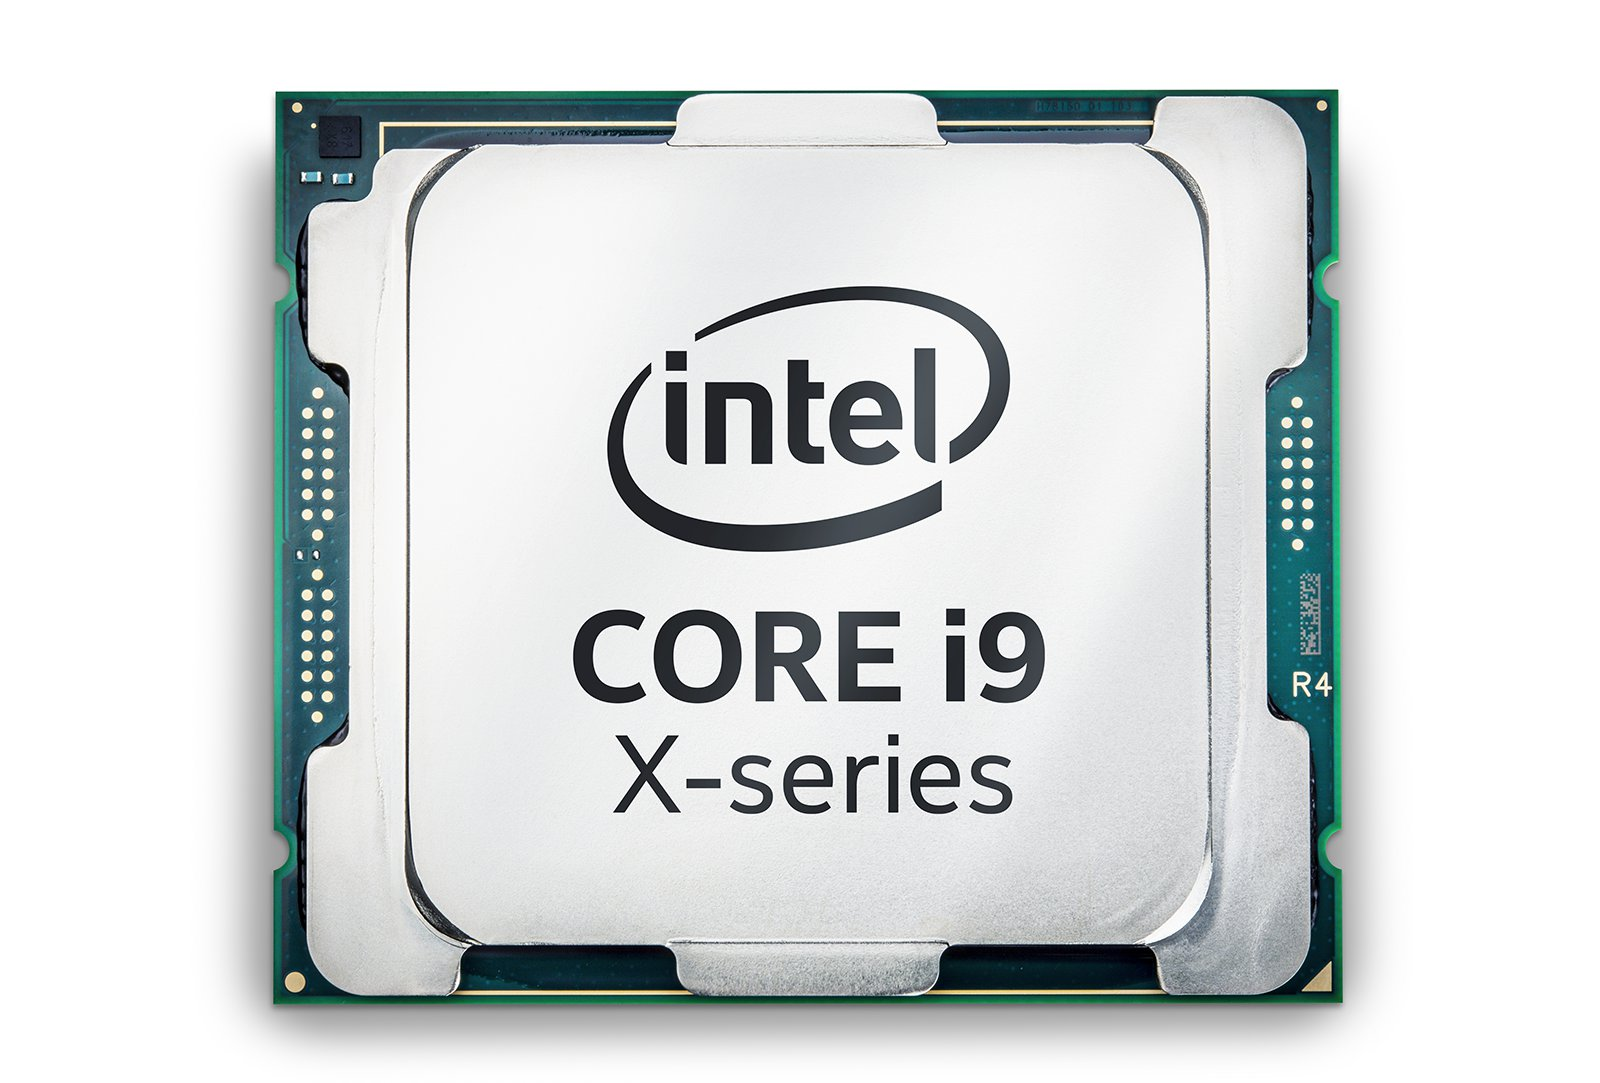 Nuevos procesadores Intel Core i9 con 18 núcleos